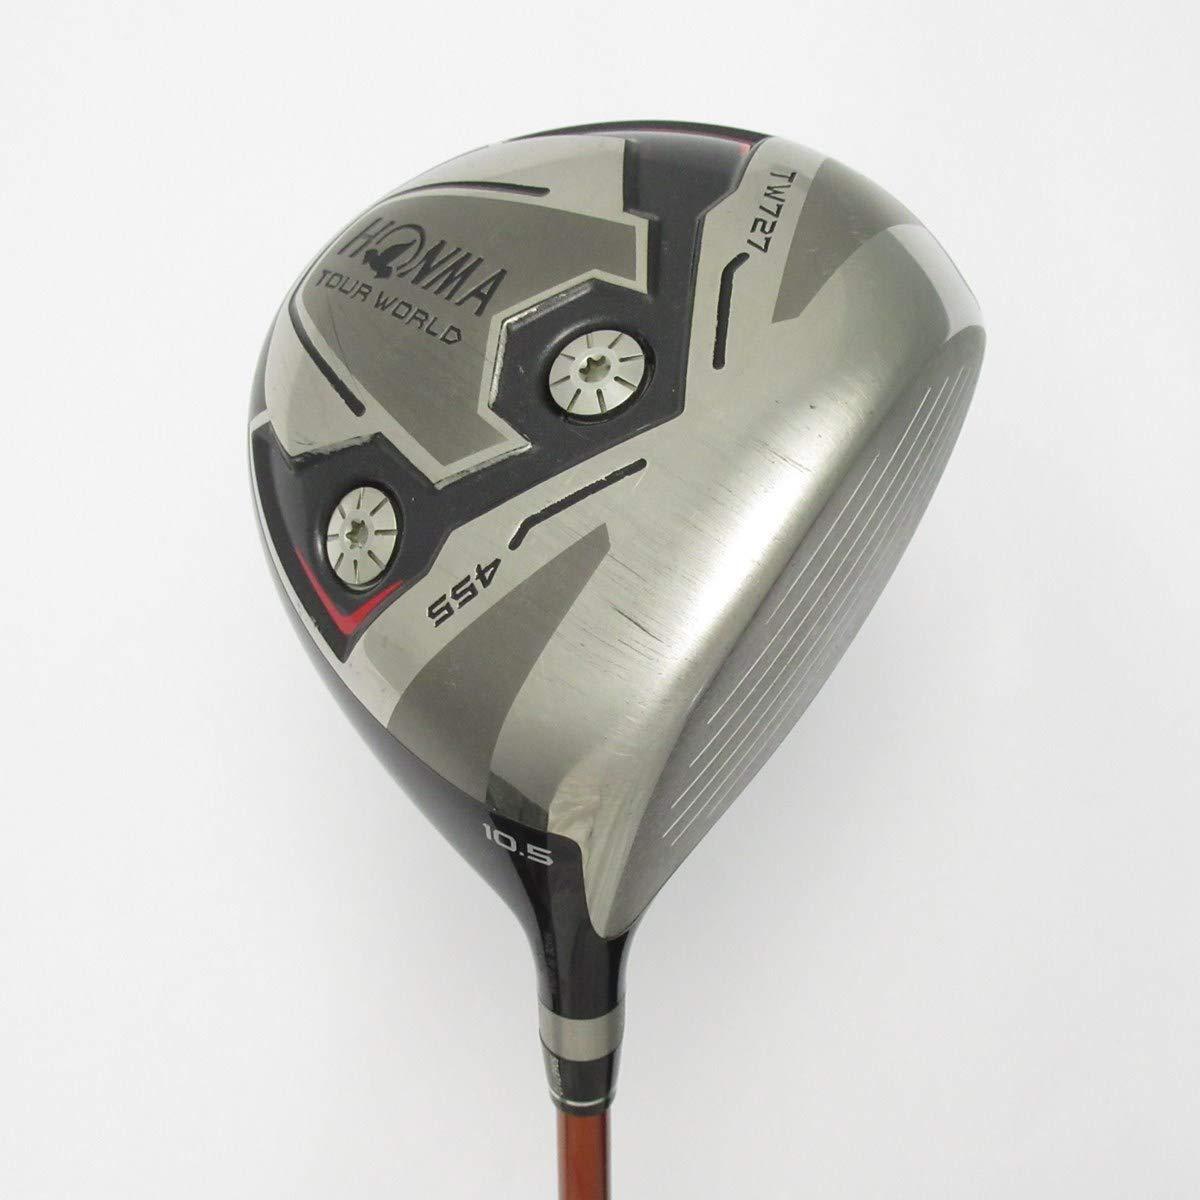 【中古】本間ゴルフ TOUR WORLD ツアーワールド TW727 455 ドライバー VIZARD YC55 B07T3BY4F8  R